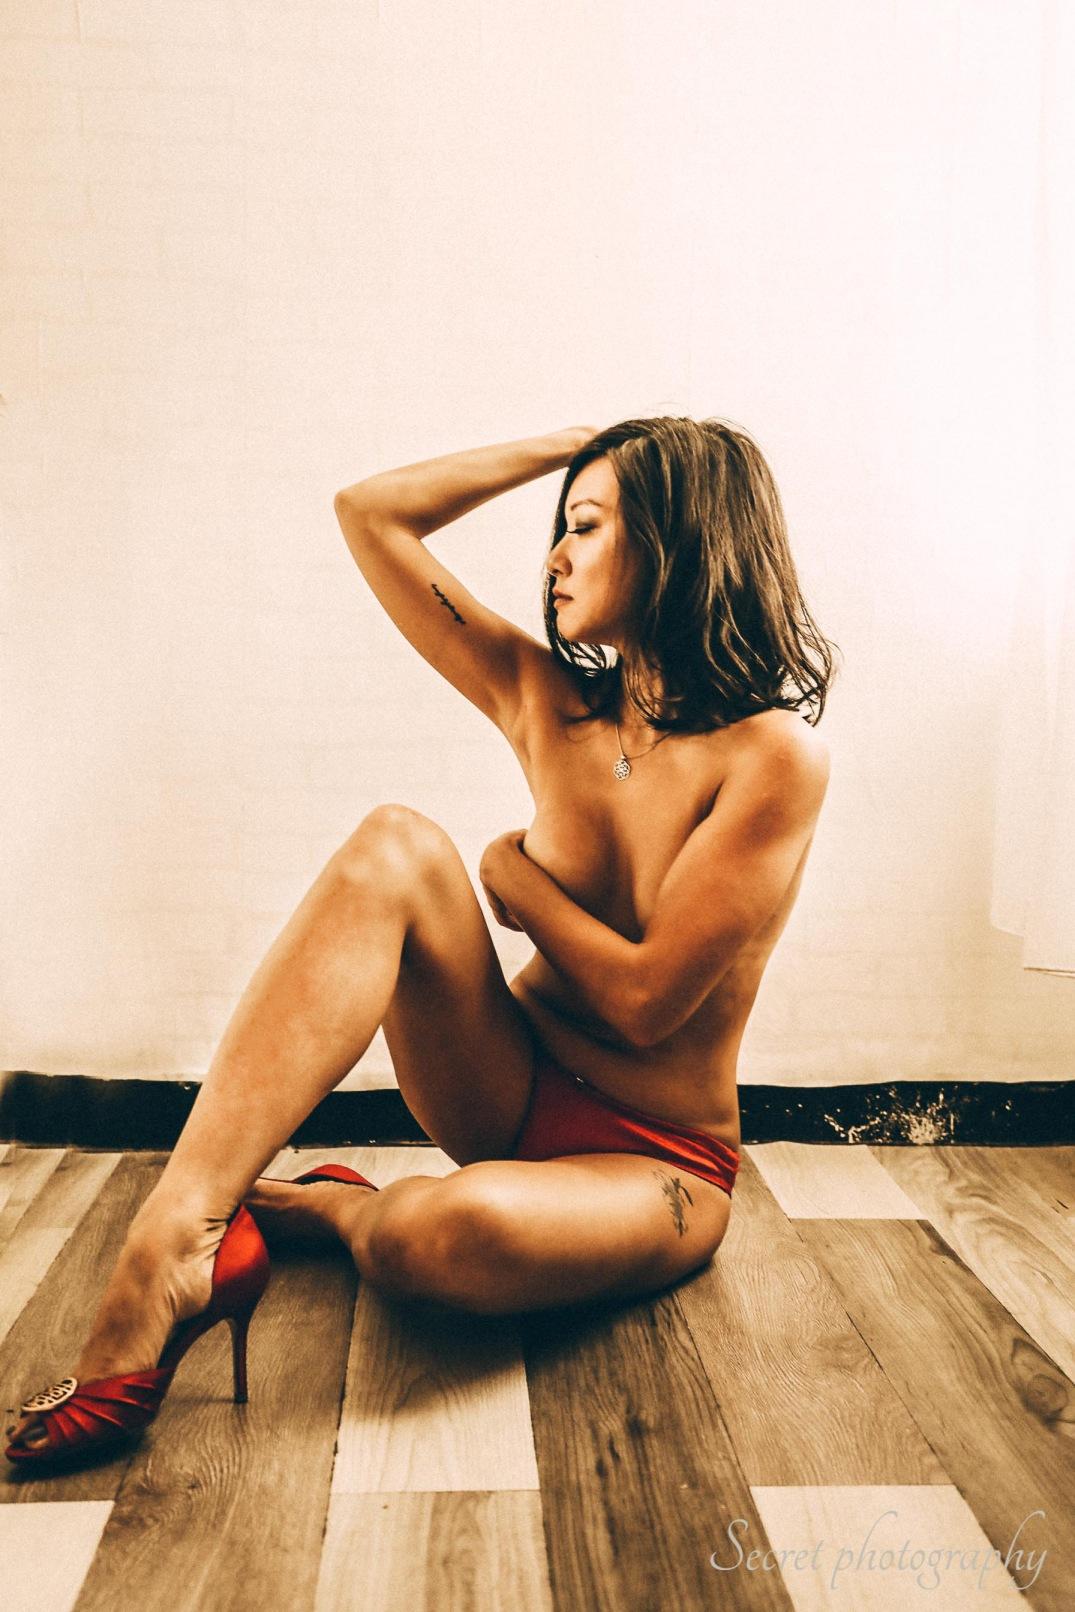 nude_photo_makeup_hairstyling_paulstylist_studio_shooting_photography_Liye-25